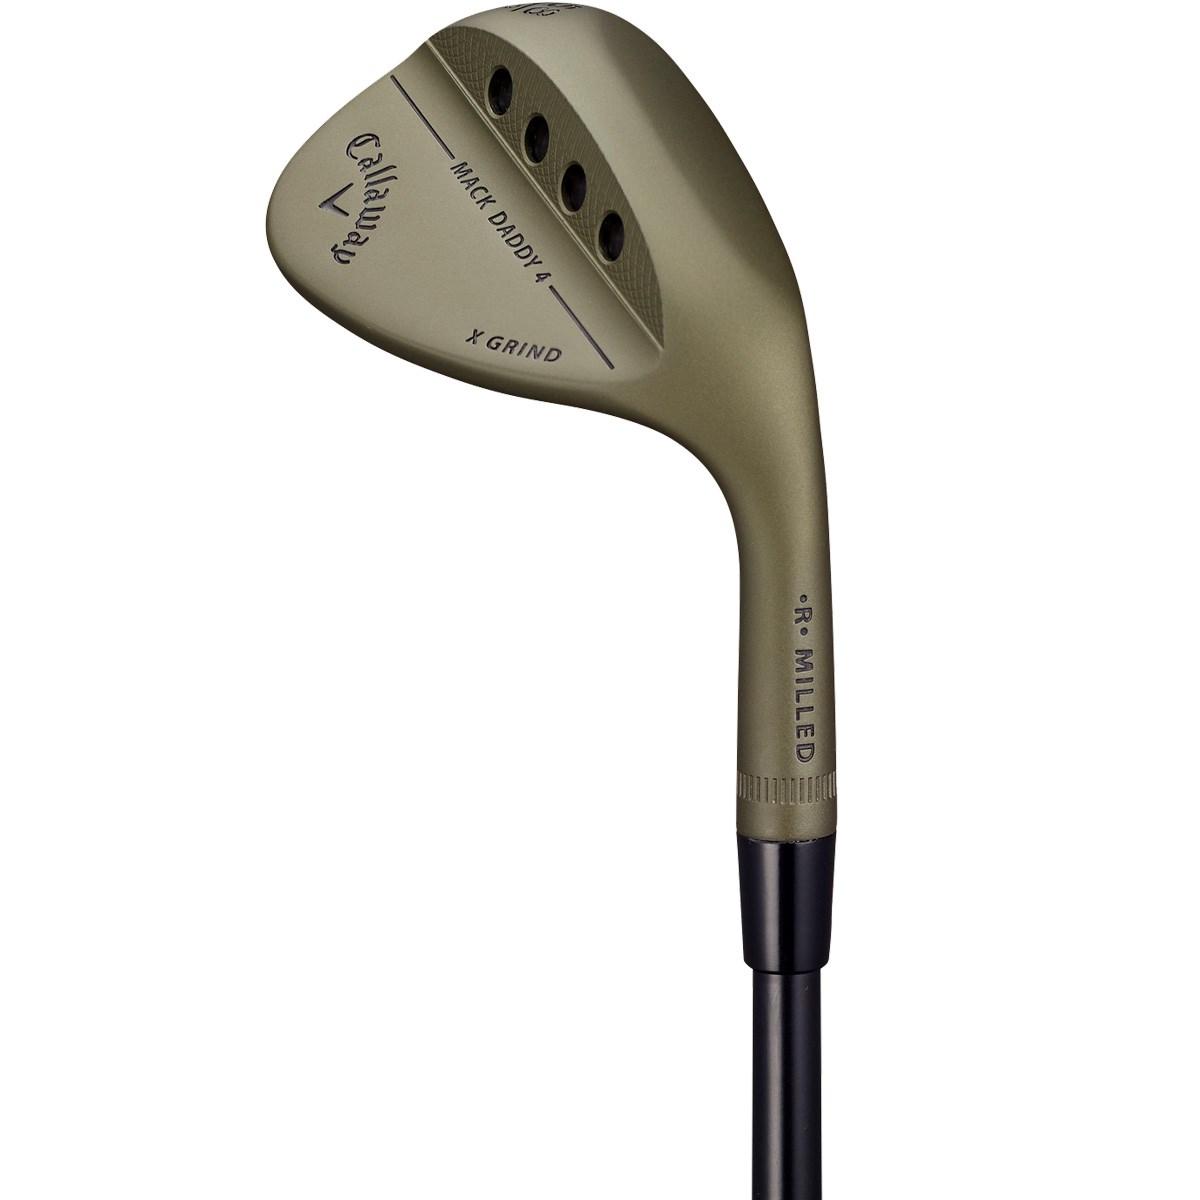 キャロウェイゴルフ(Callaway Golf) マックダディ4 TACTICAL ウェッジ 2本セット ダイナミックゴールド TOUR ISSUE 115 S200 Green